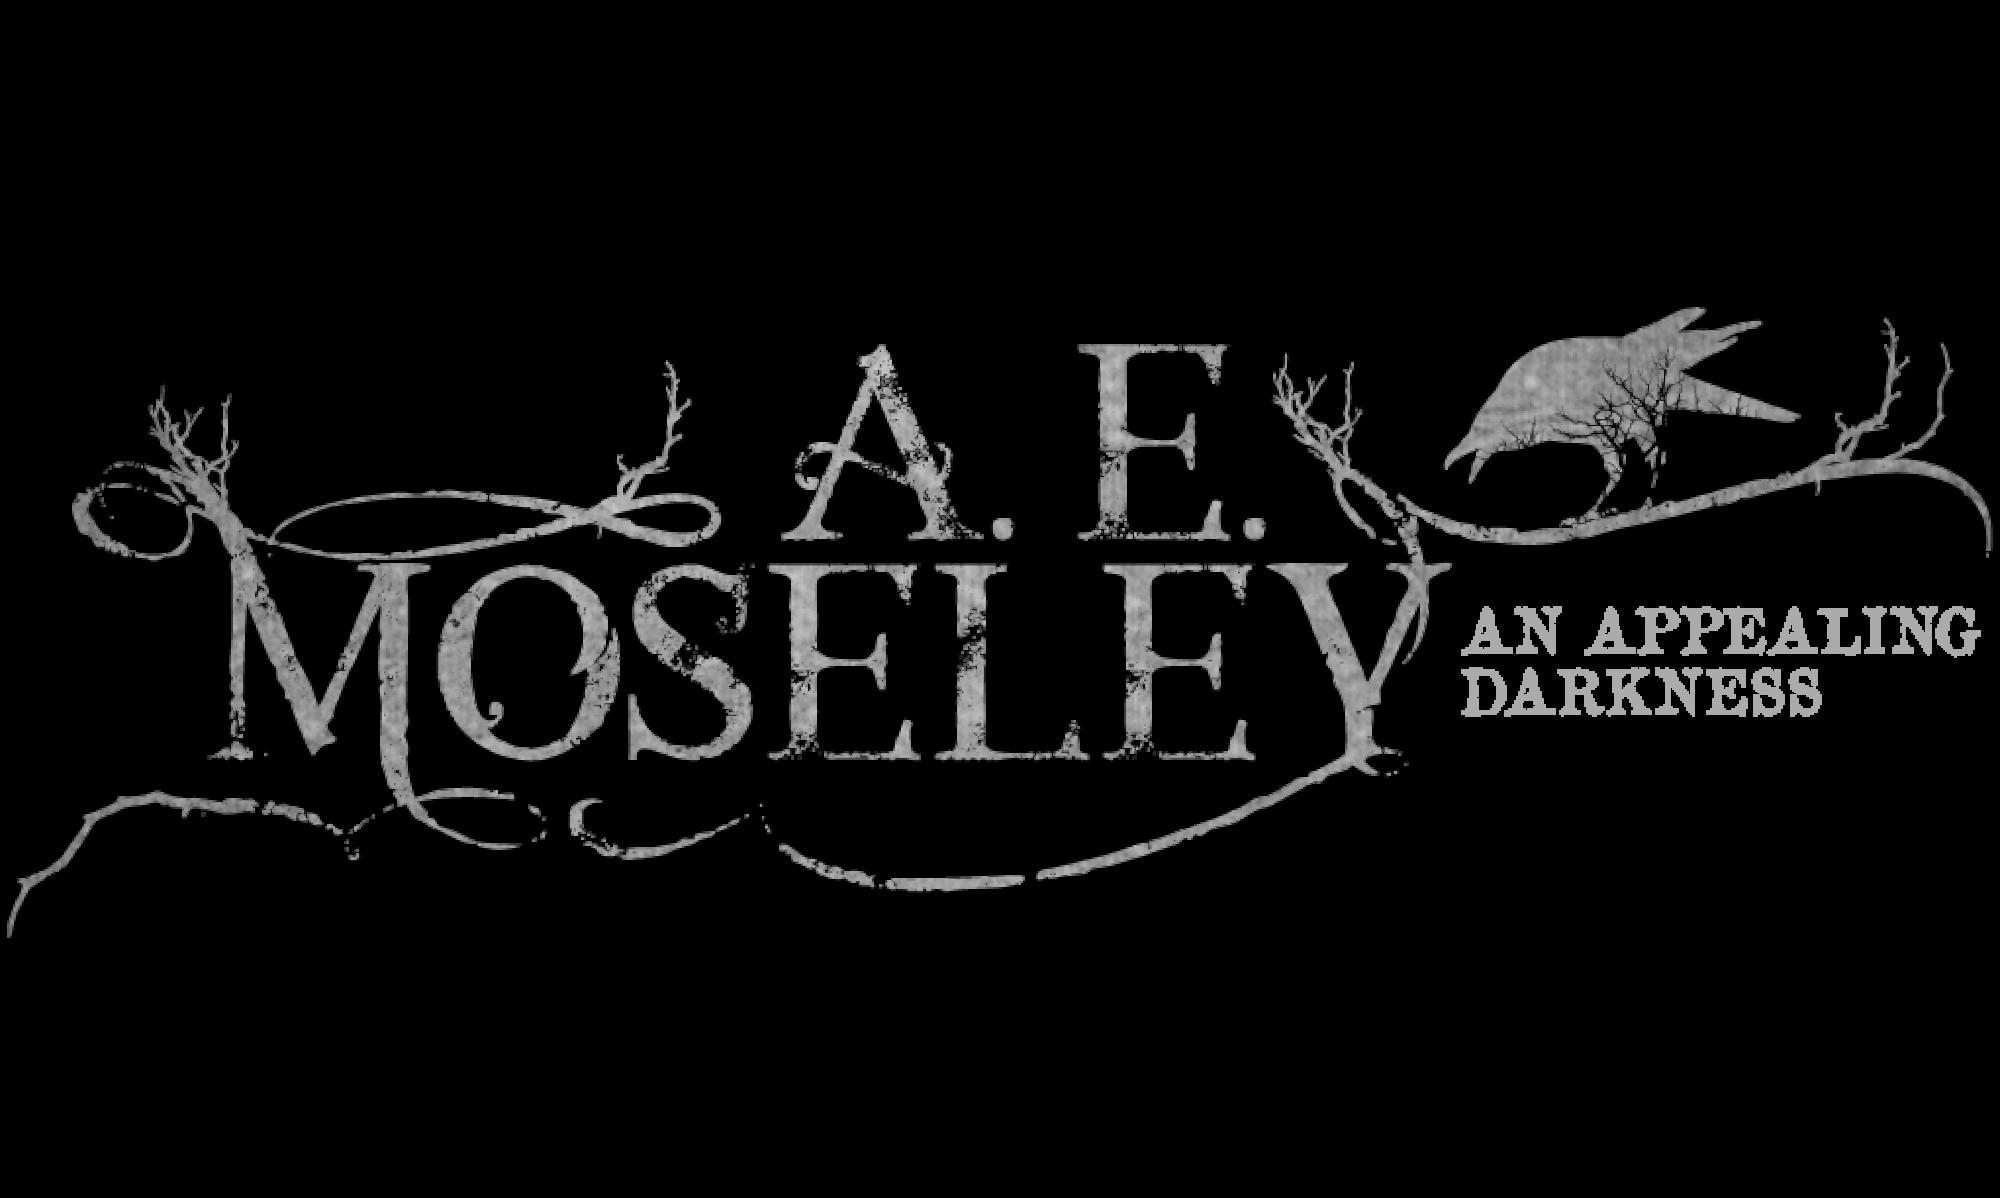 A. E. Moseley